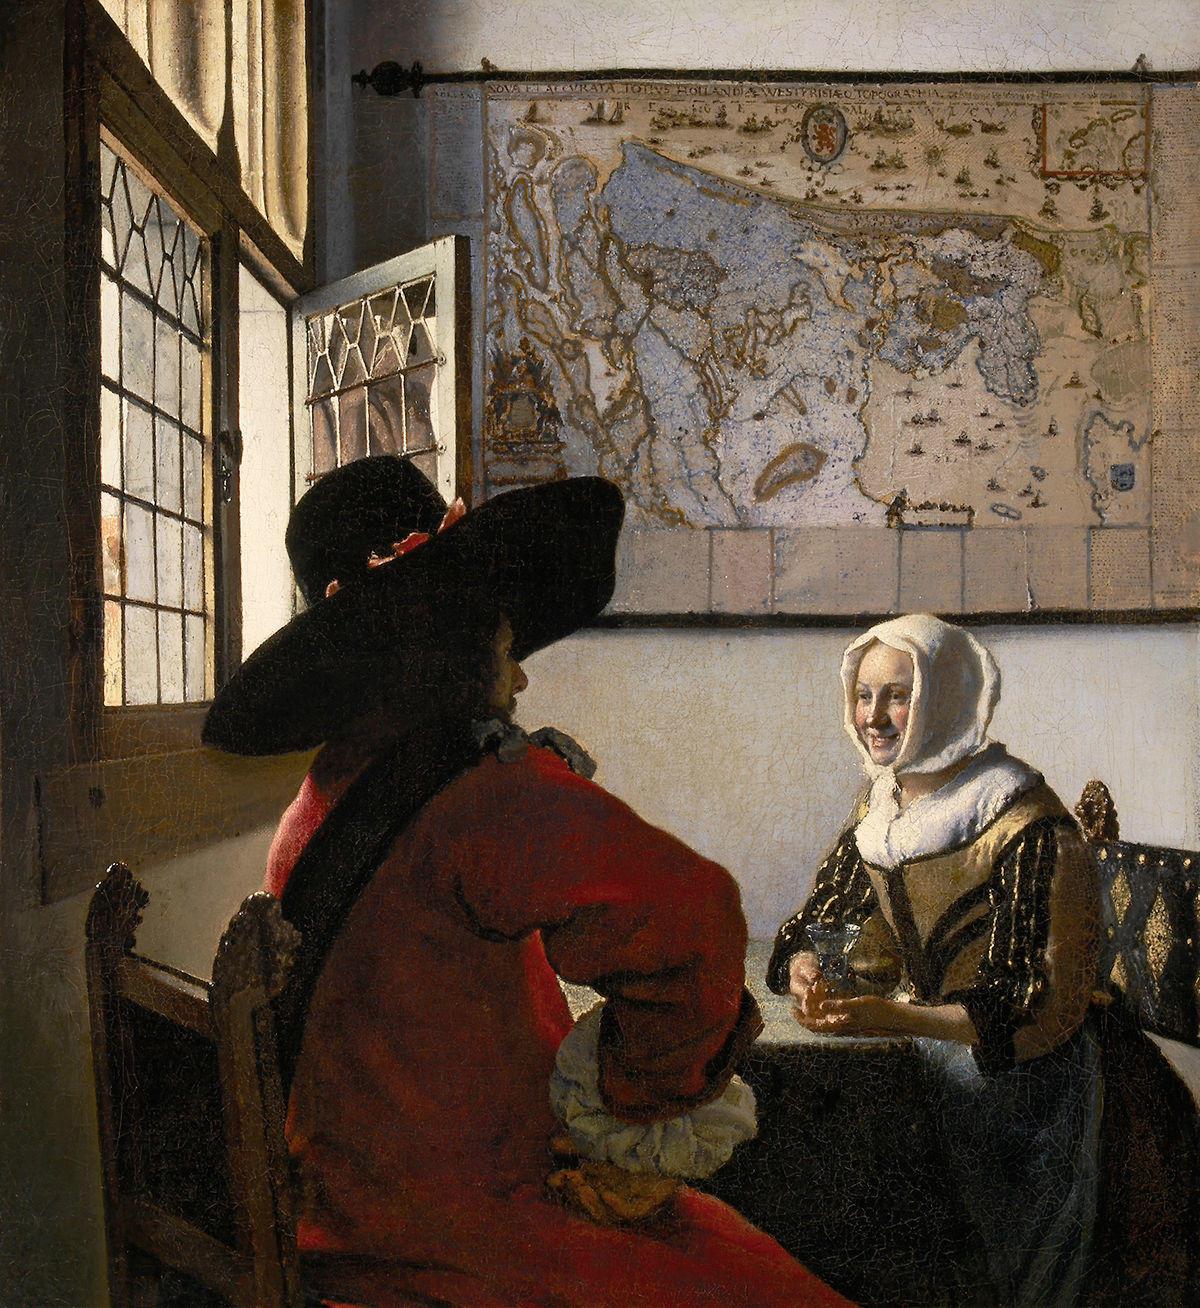 TFC_Vermeer_19111127_2000